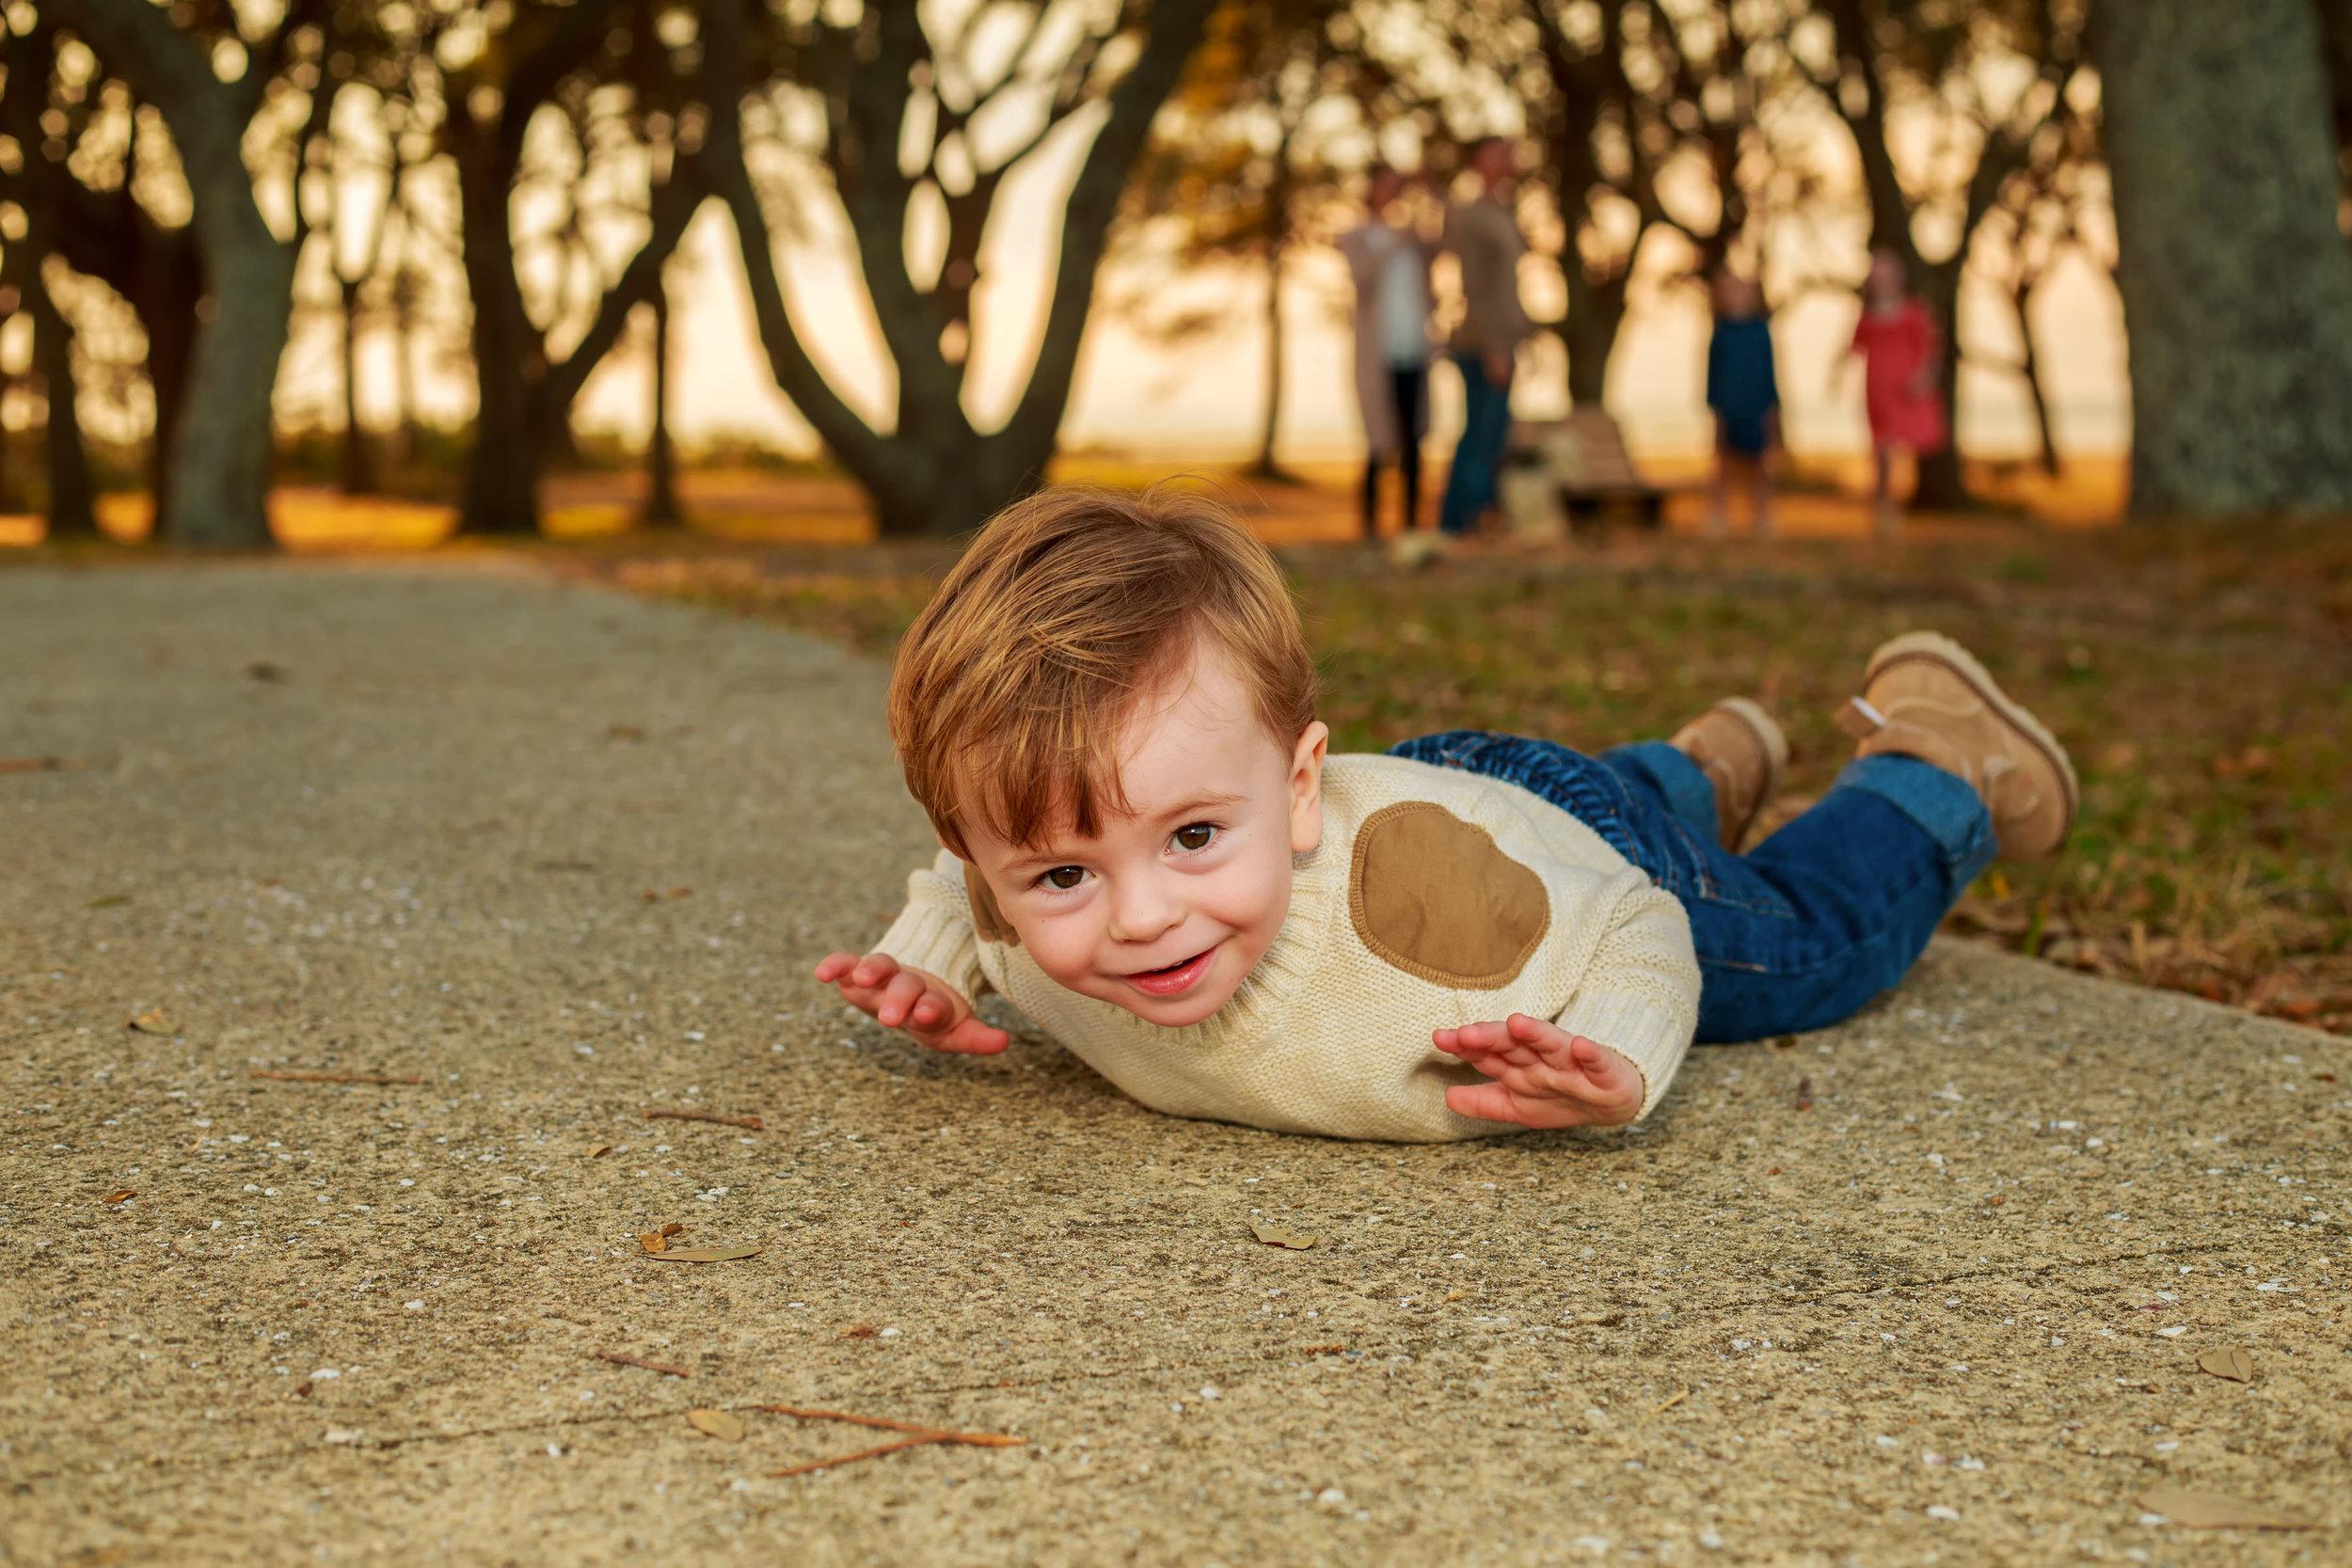 NC_Family_photographer_Tiffany_Abruzzo_Photography_53.jpg